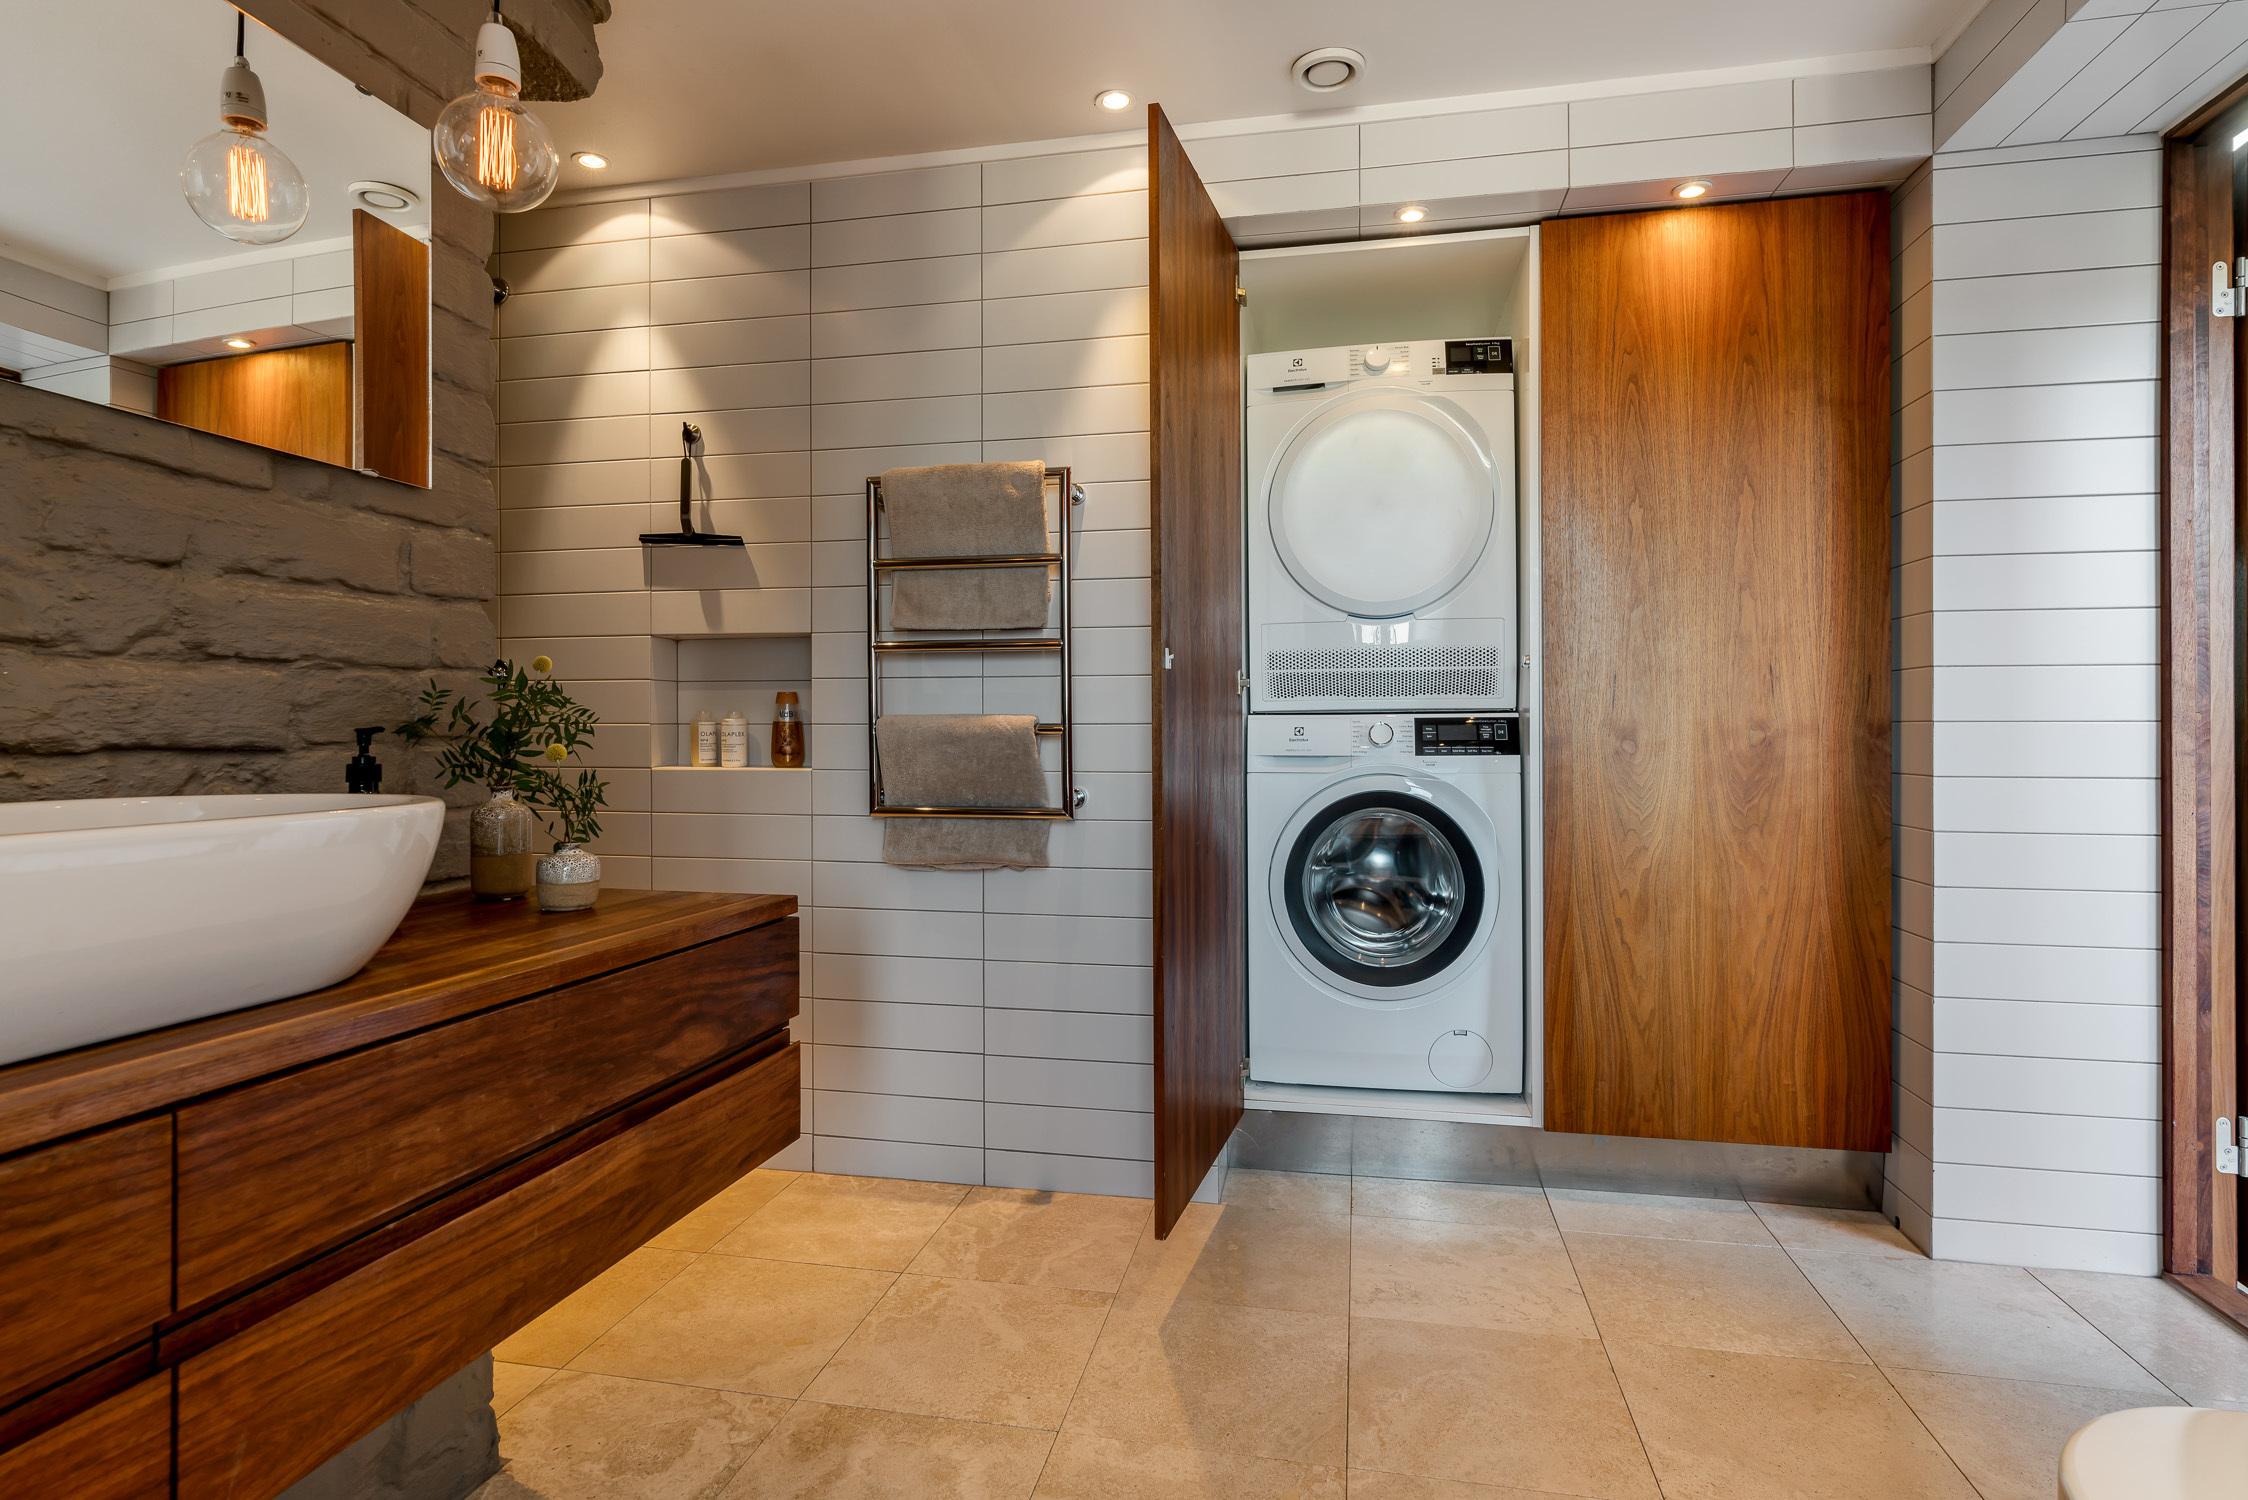 Väl dold tvättmaskin och torktumlare